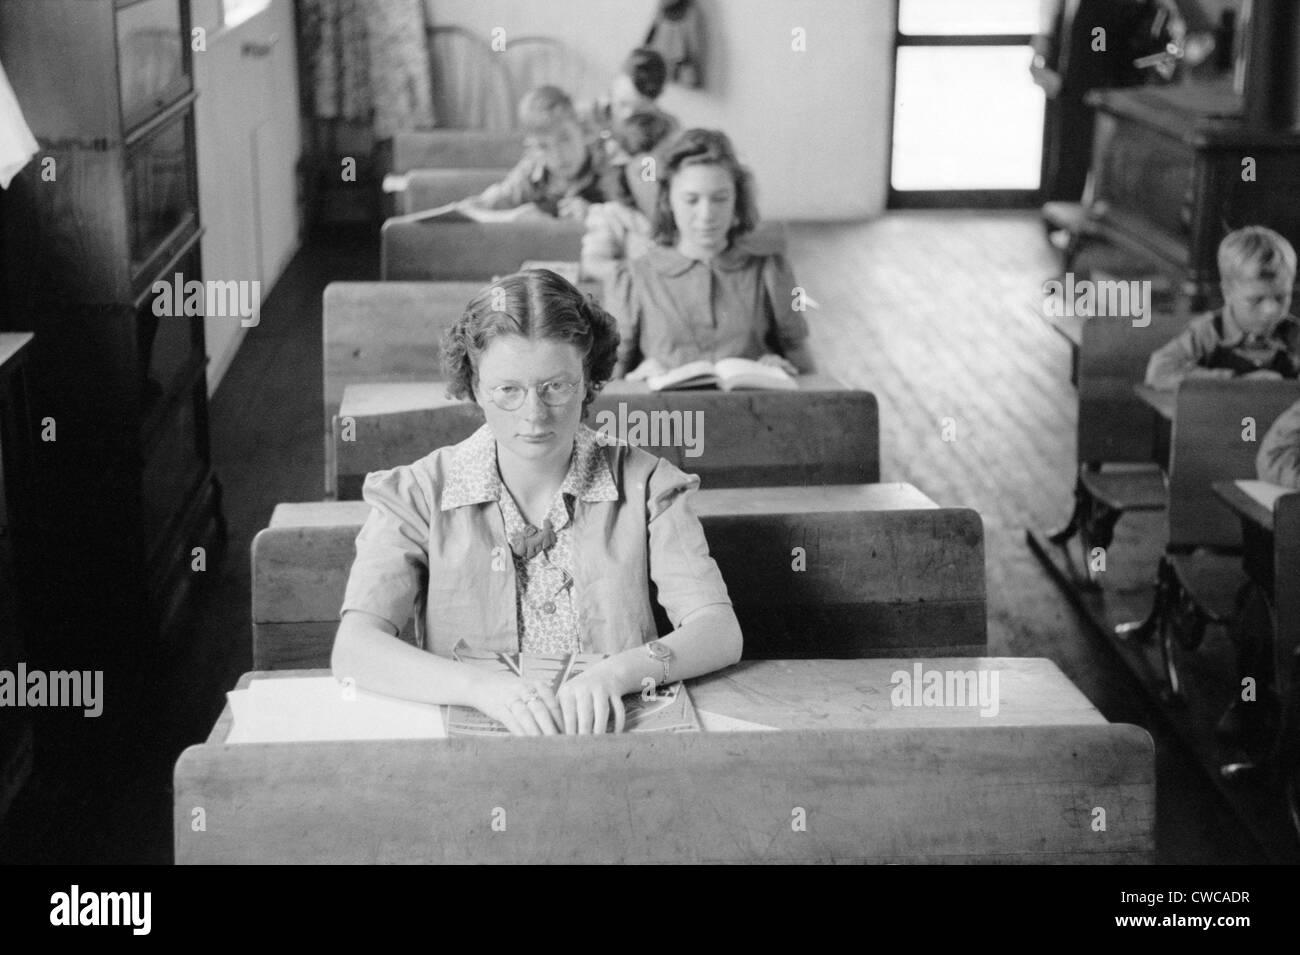 Gli studenti di varie età seduti ai loro posti in una zona rurale Wisconsin scuola. Sett. 1939. Immagini Stock